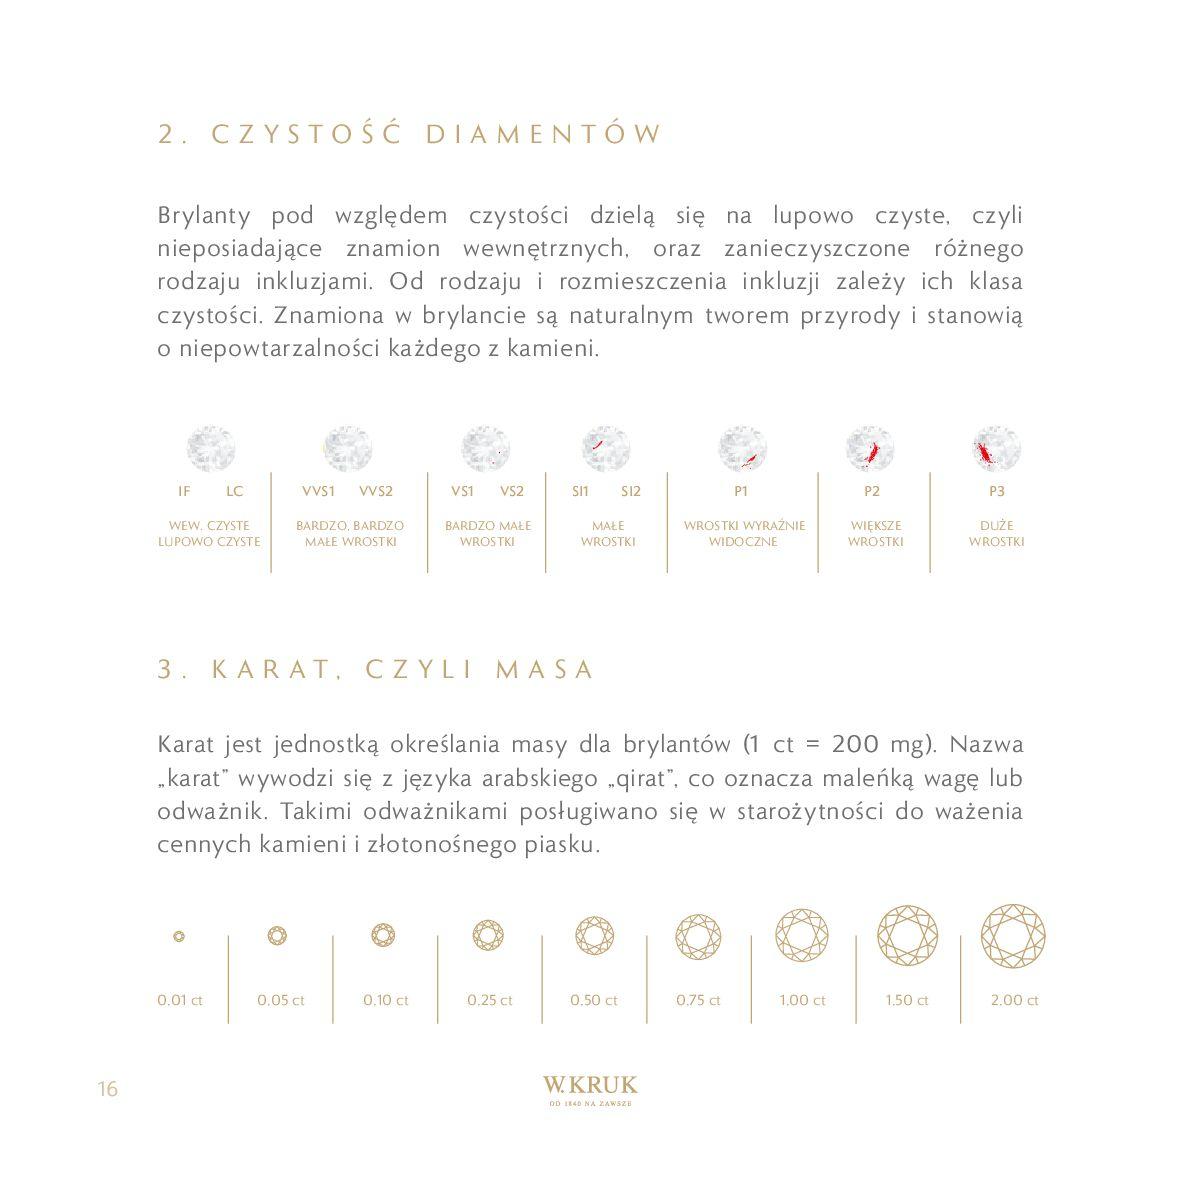 Gazetka W. KRUK: Katalog - Obrączki 2021-02-17 page-18